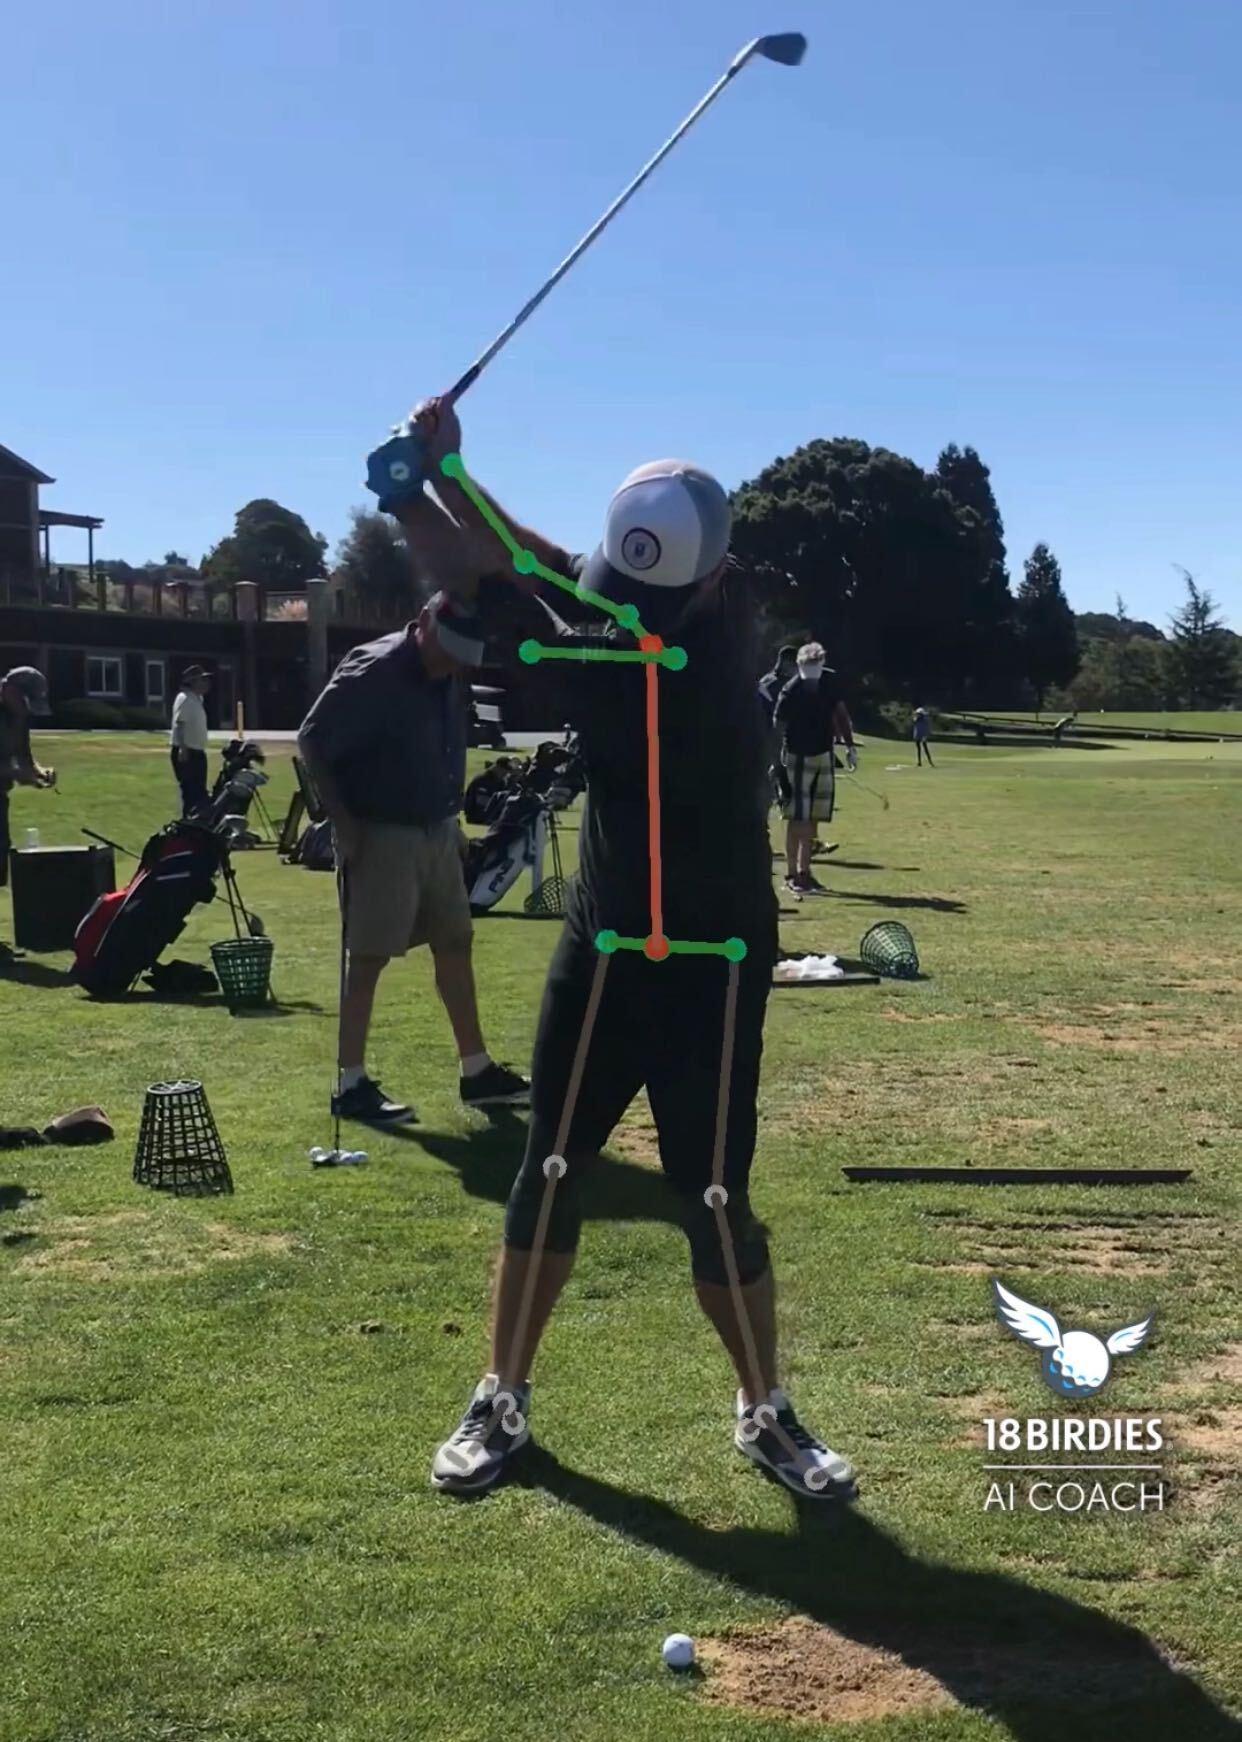 AI Coach swing analysis